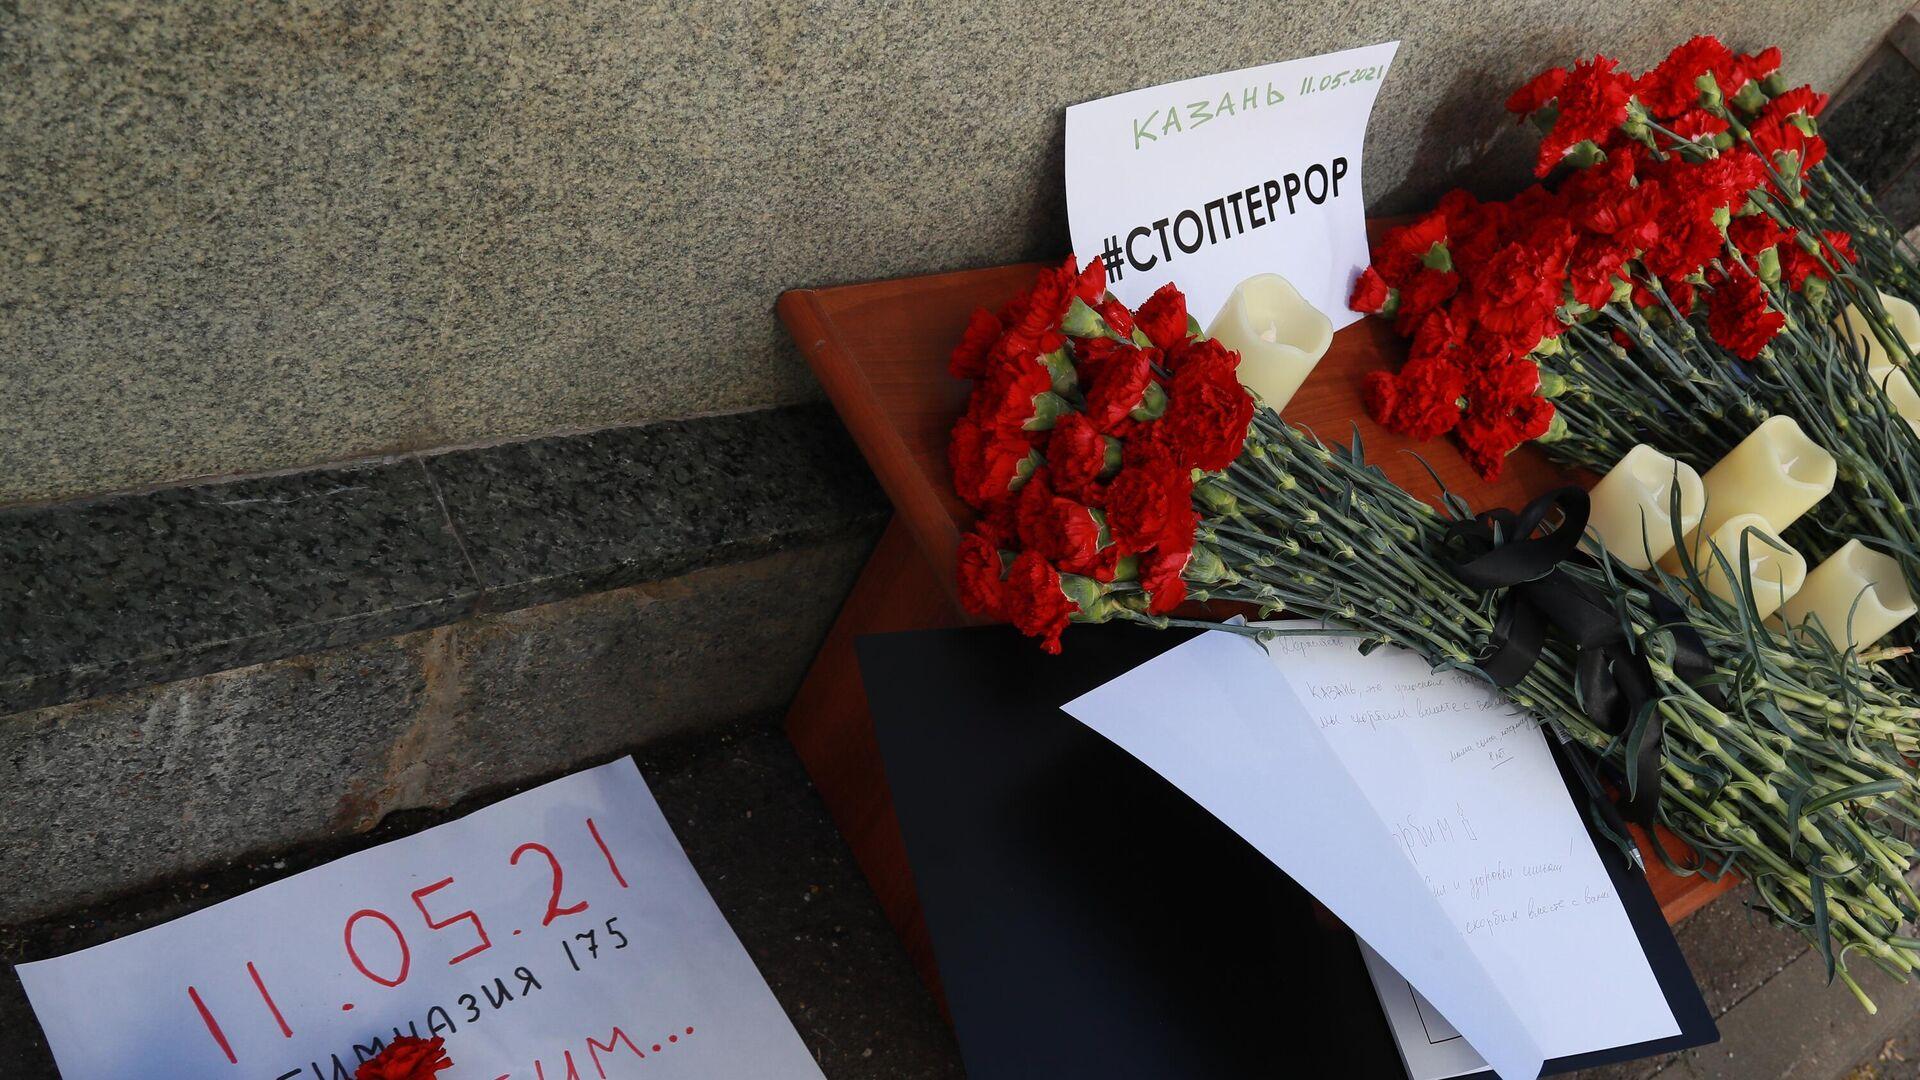 Цветы в память о жертвах трагедии в казанской школе - РИА Новости, 1920, 11.05.2021